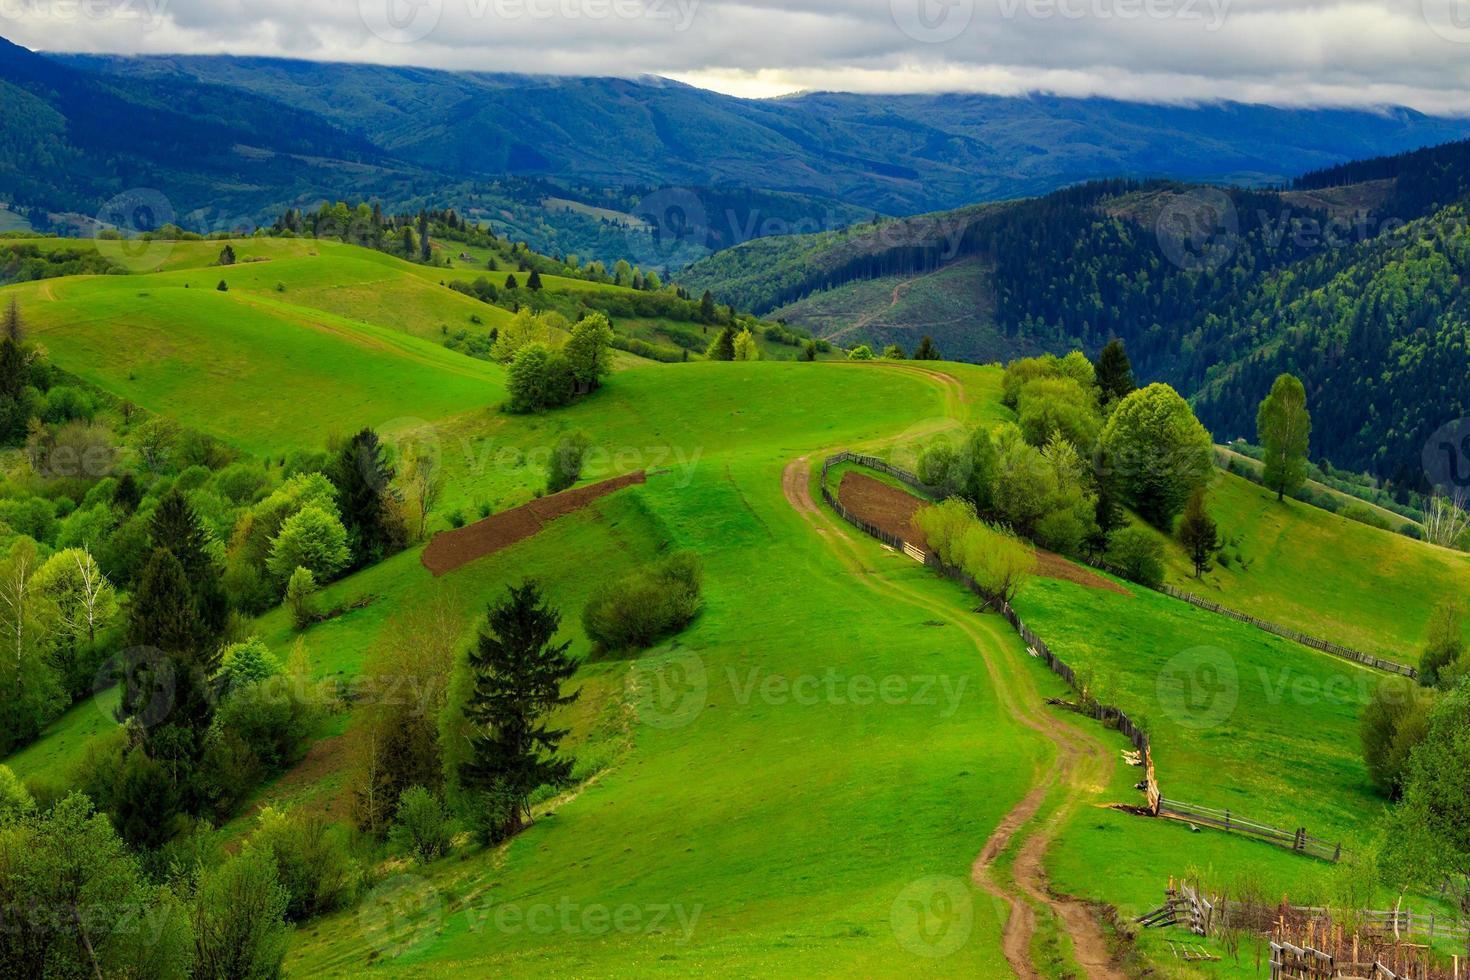 Clôture sur prairie à flanc de colline en montagne photo